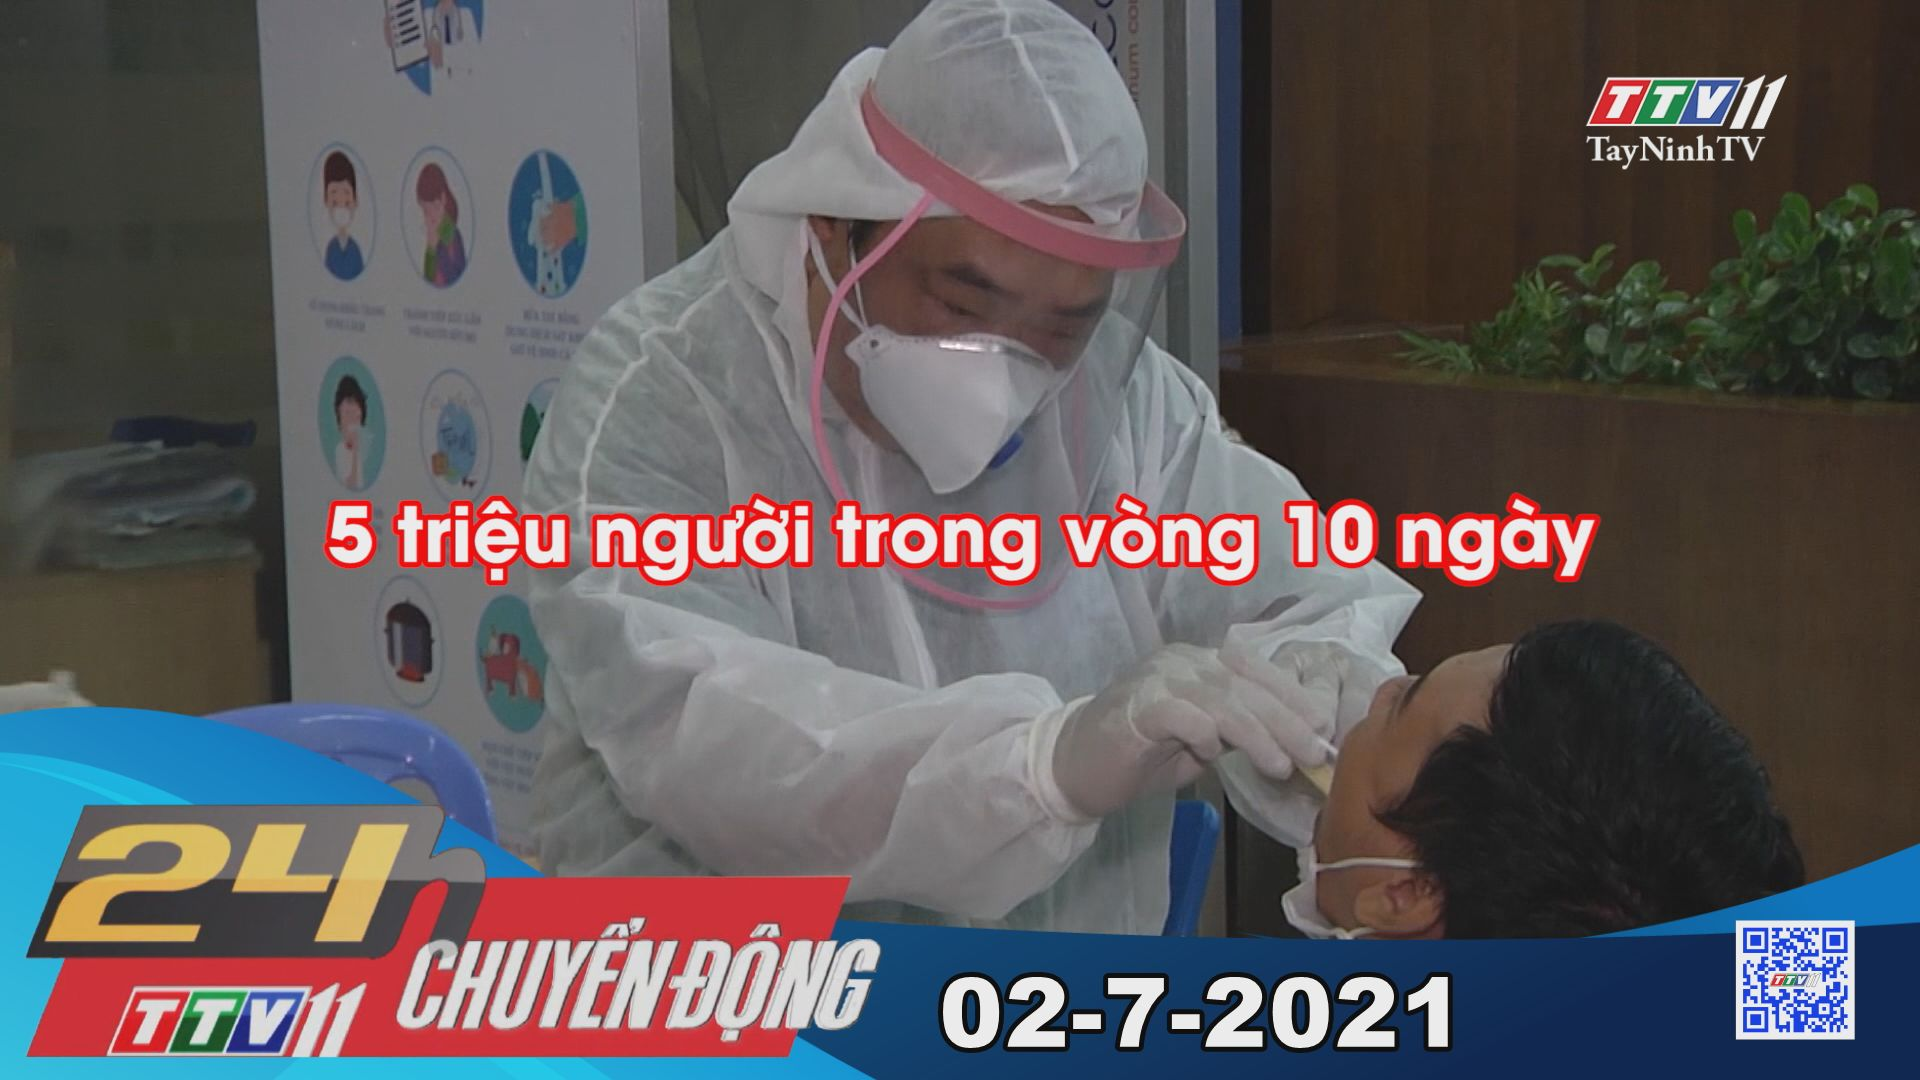 24h Chuyển động 02-7-2021   Tin tức hôm nay   TayNinhTV